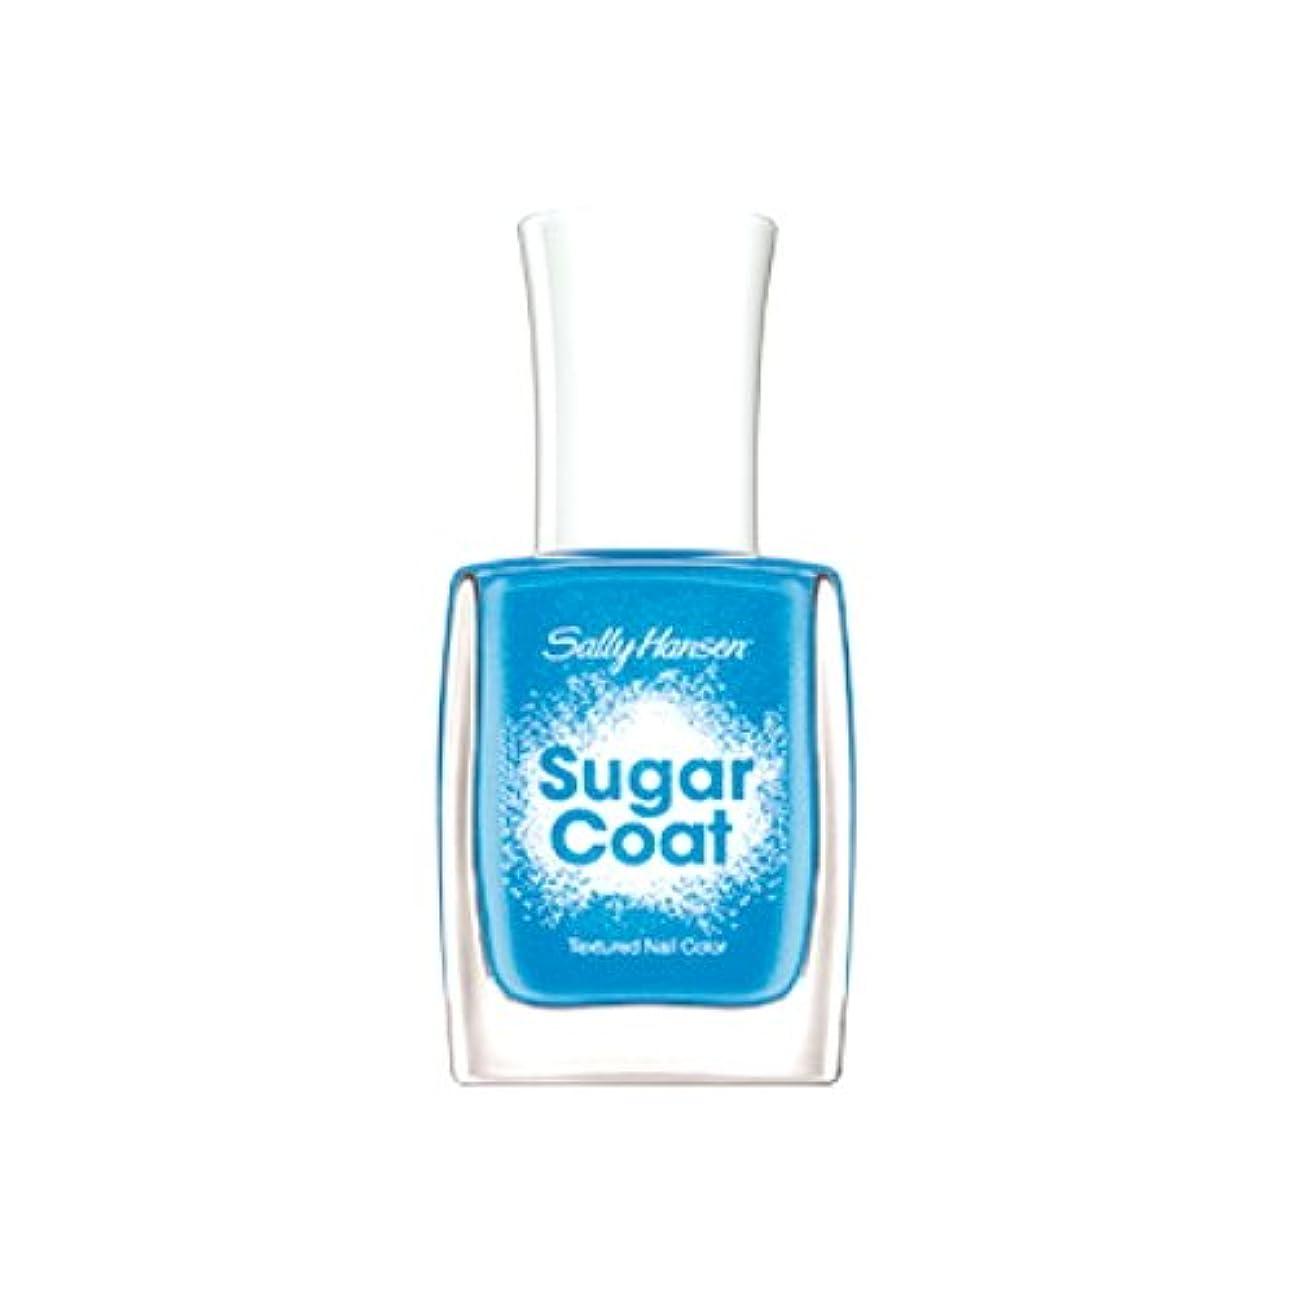 旋律的ポール活気づけるSALLY HANSEN Sugar Coat Special Effect Textured Nail Color - Razzle-berry (並行輸入品)